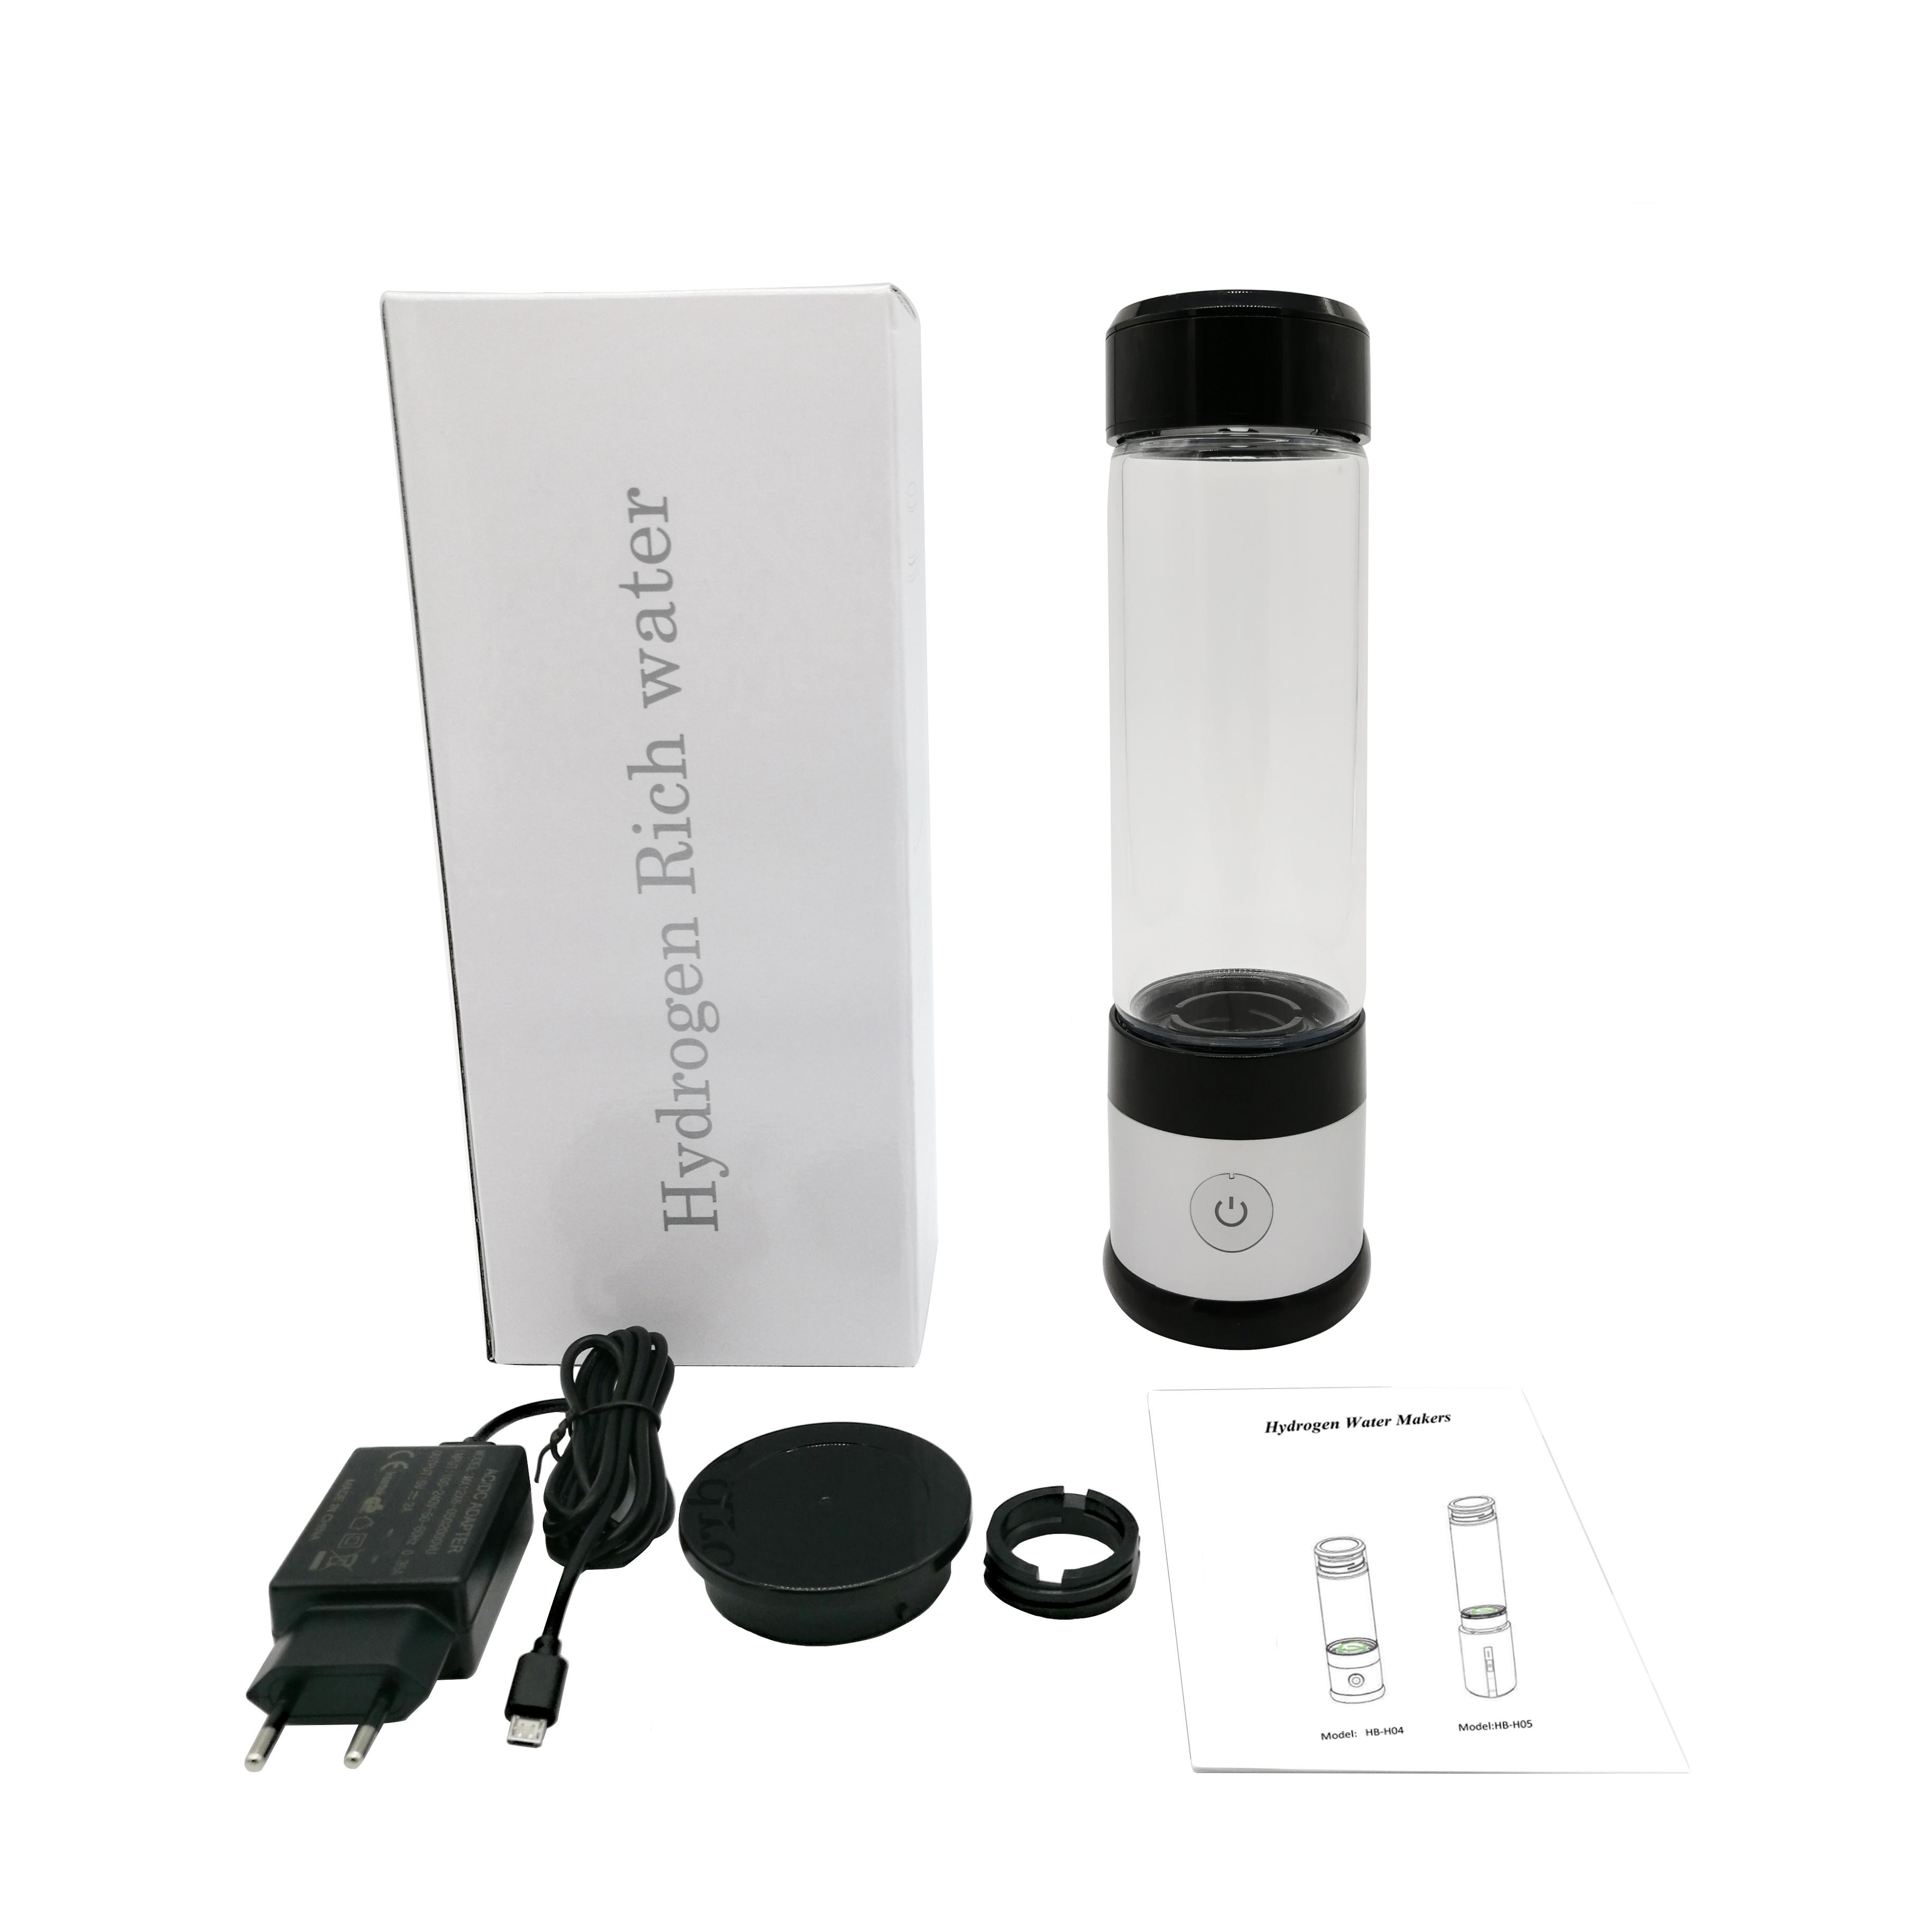 Harga murah jenis dan ce sertifikasi Ionizer alkaline air ionizer untuk dijual